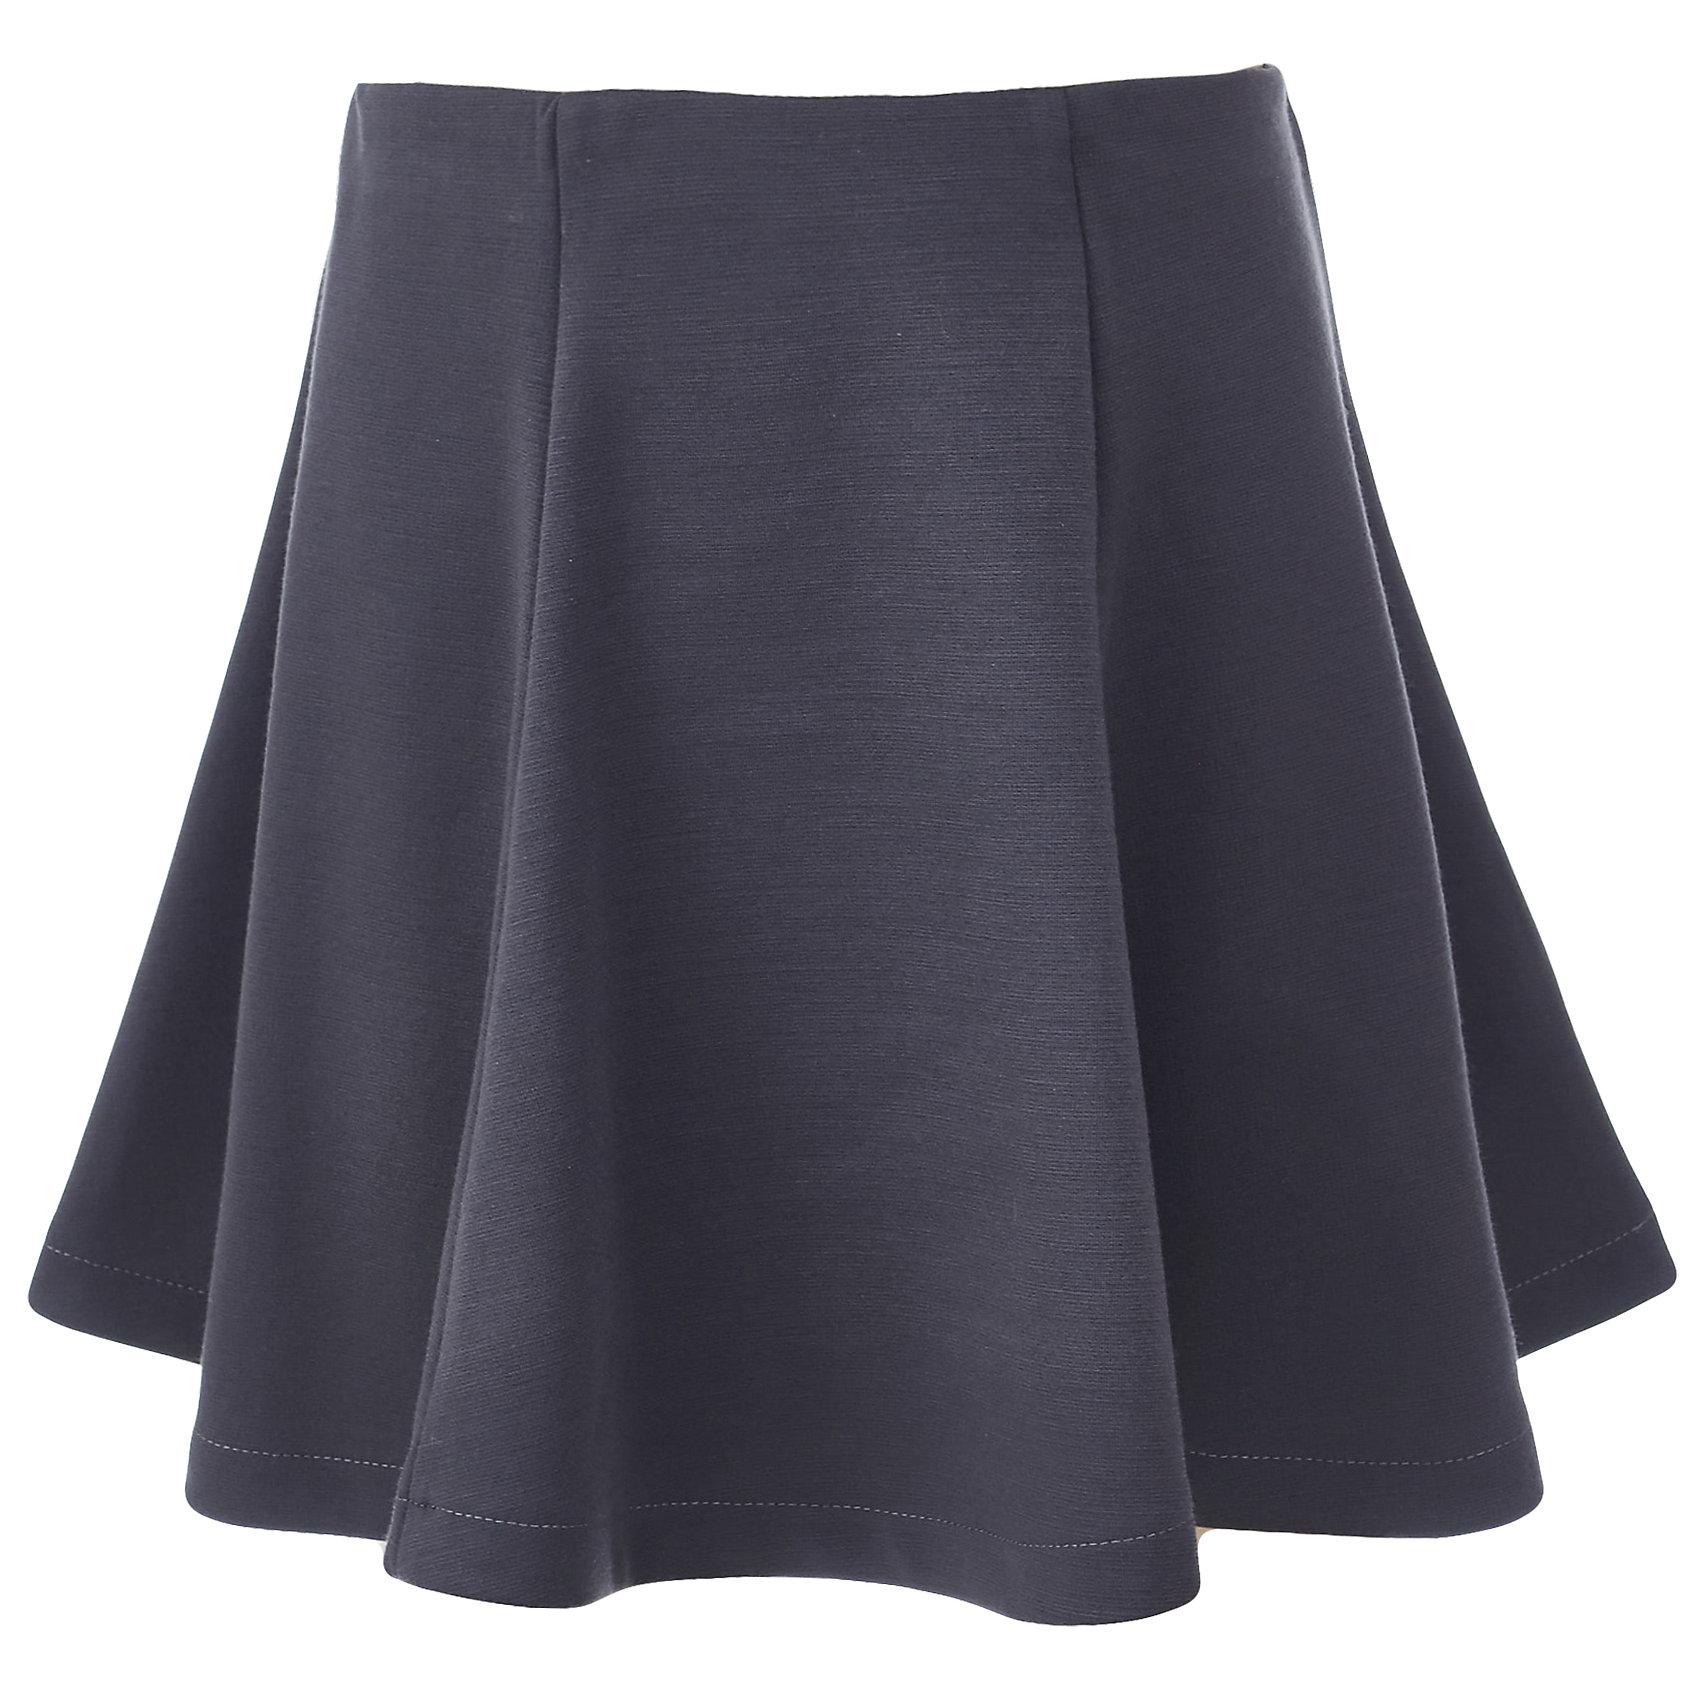 Юбка для девочки BUTTON BLUEЮбки<br>Юбка для девочки BUTTON BLUE<br>Какие юбки для девочек станут основой школьного гардероба? Те, кто уже носил юбку из плотного трикотажа знают: трикотажные школьные юбки - это удобство и свобода движений. Купить школьную юбку от Button Blue, значит, обеспечить ребенку повседневный комфорт.<br>Состав:<br>75% полиэстер, 21% вискоза,             4% эластан<br><br>Ширина мм: 207<br>Глубина мм: 10<br>Высота мм: 189<br>Вес г: 183<br>Цвет: серый<br>Возраст от месяцев: 156<br>Возраст до месяцев: 168<br>Пол: Женский<br>Возраст: Детский<br>Размер: 164,122,128,134,140,146,152,158<br>SKU: 6739420